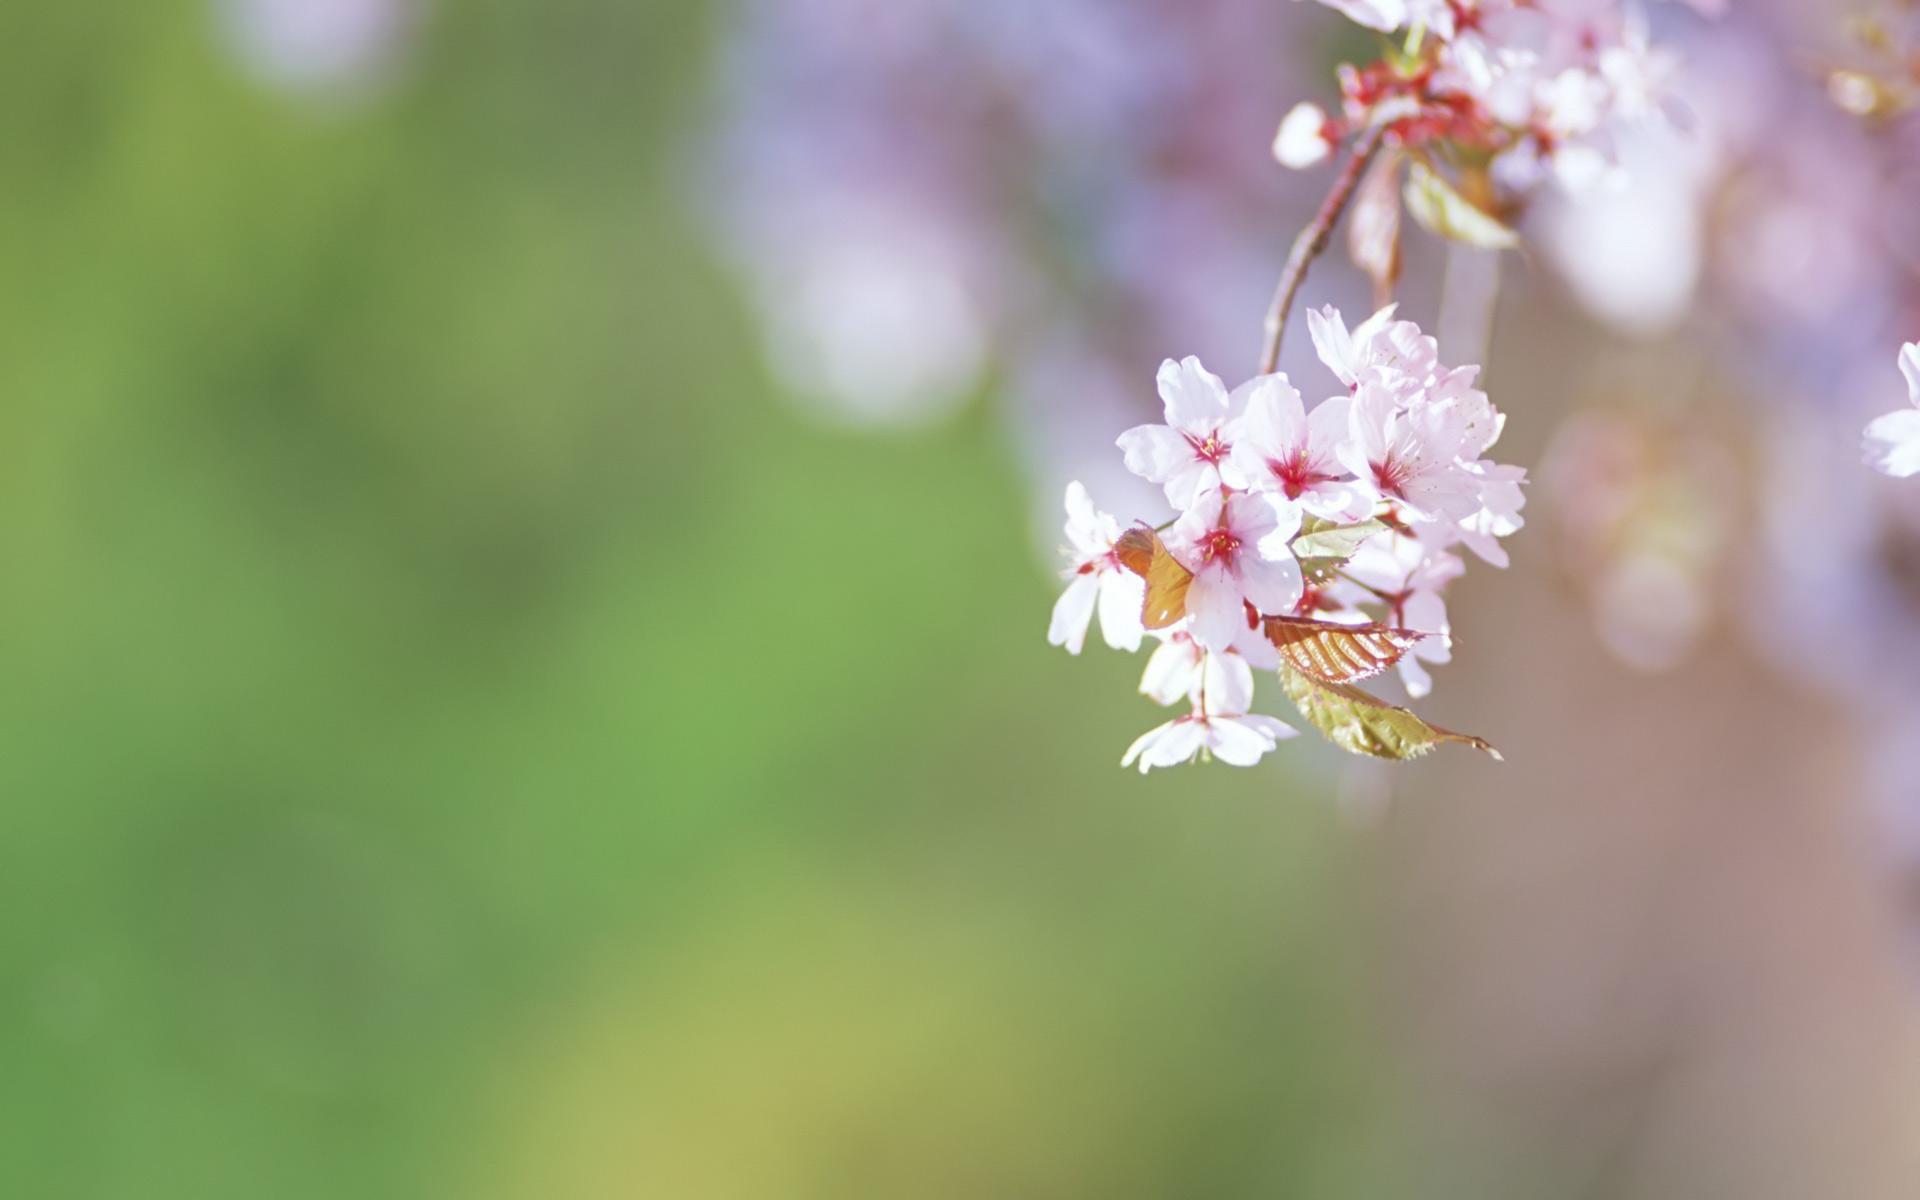 Desktop Images Spring Flowers Flowers Healthy